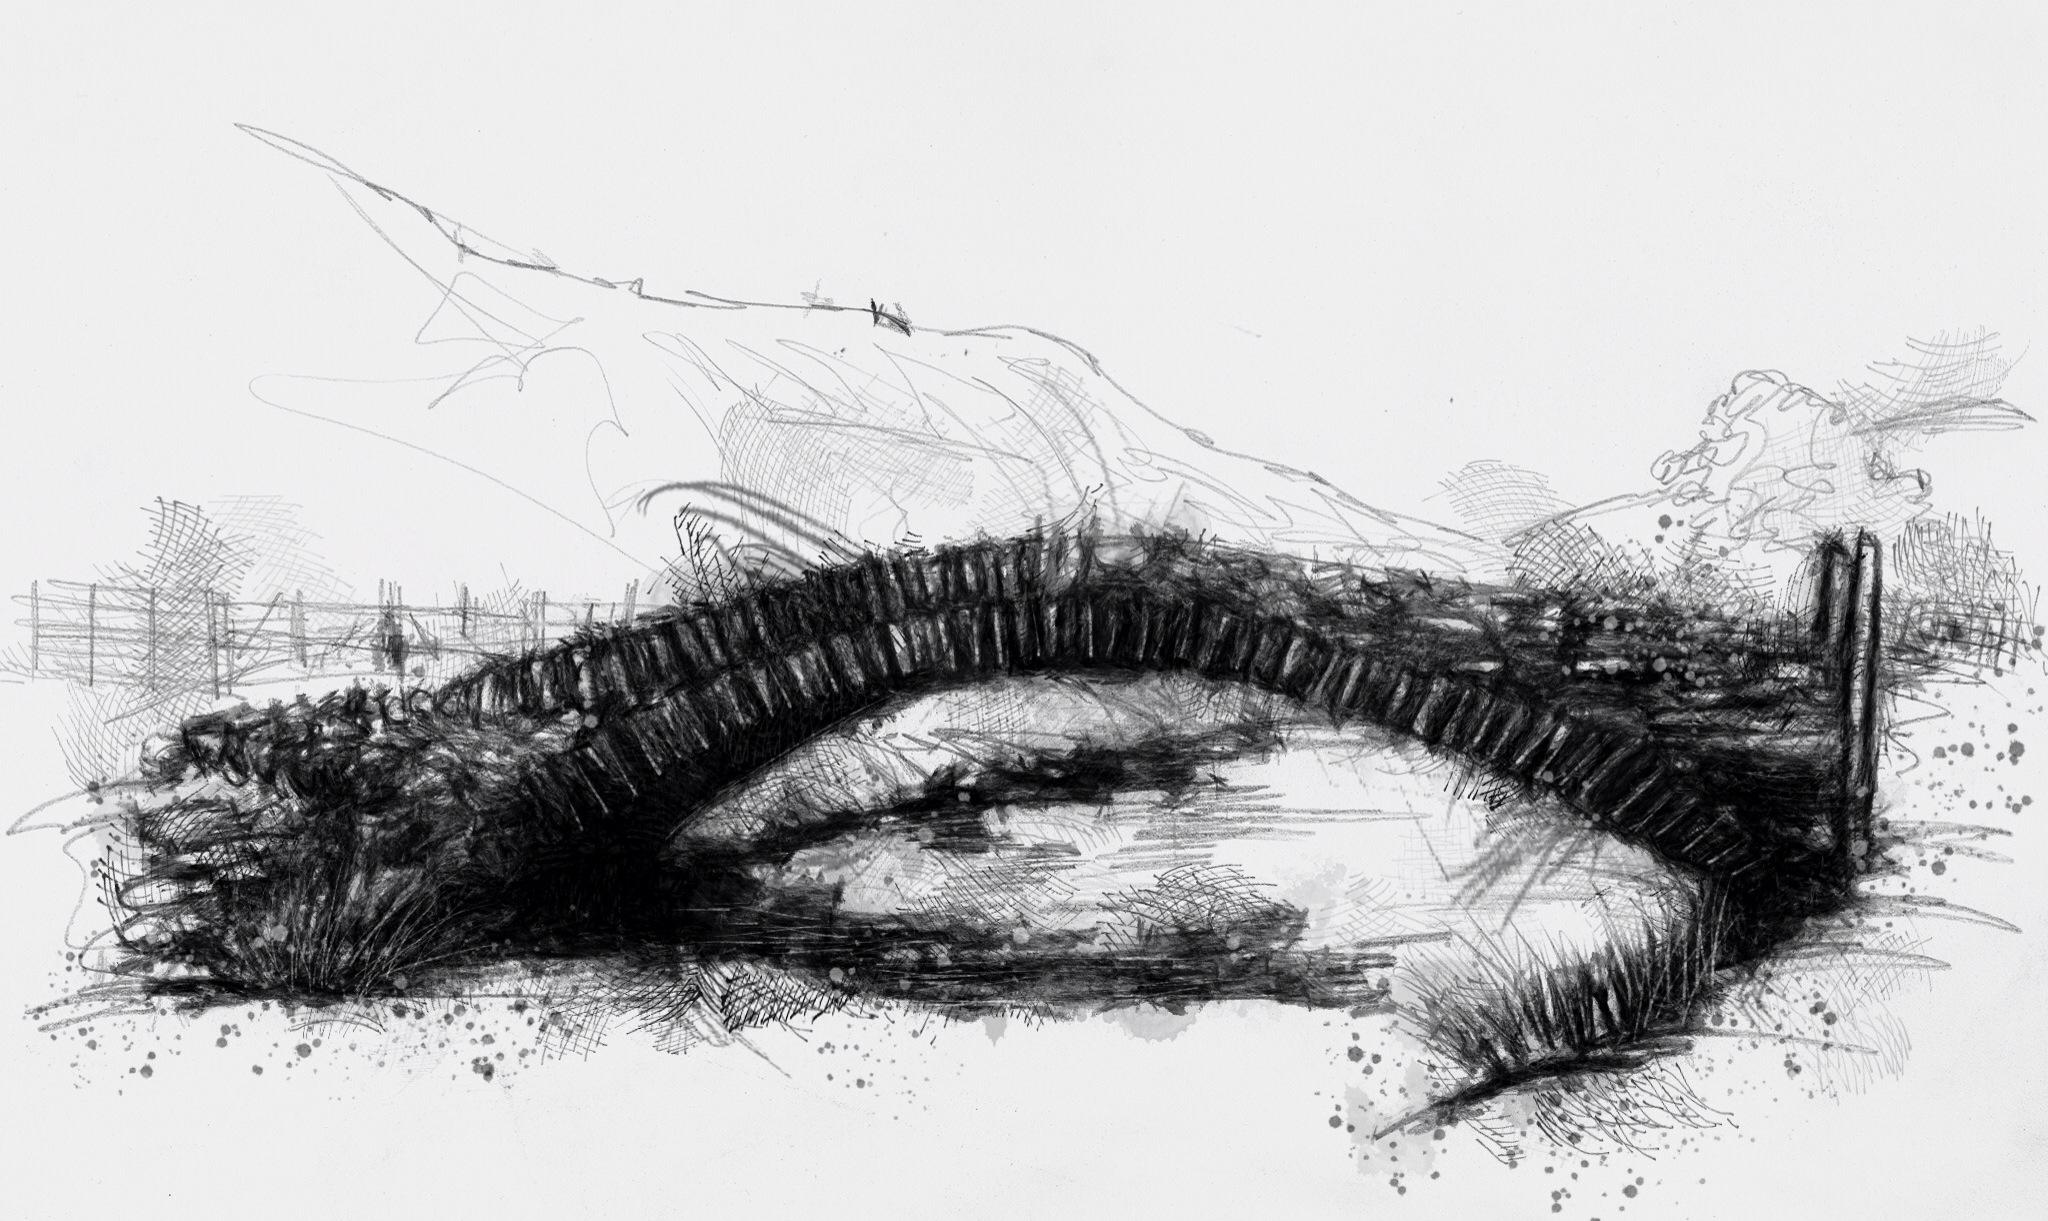 расплата графические картинки каменных мостов нашего материала